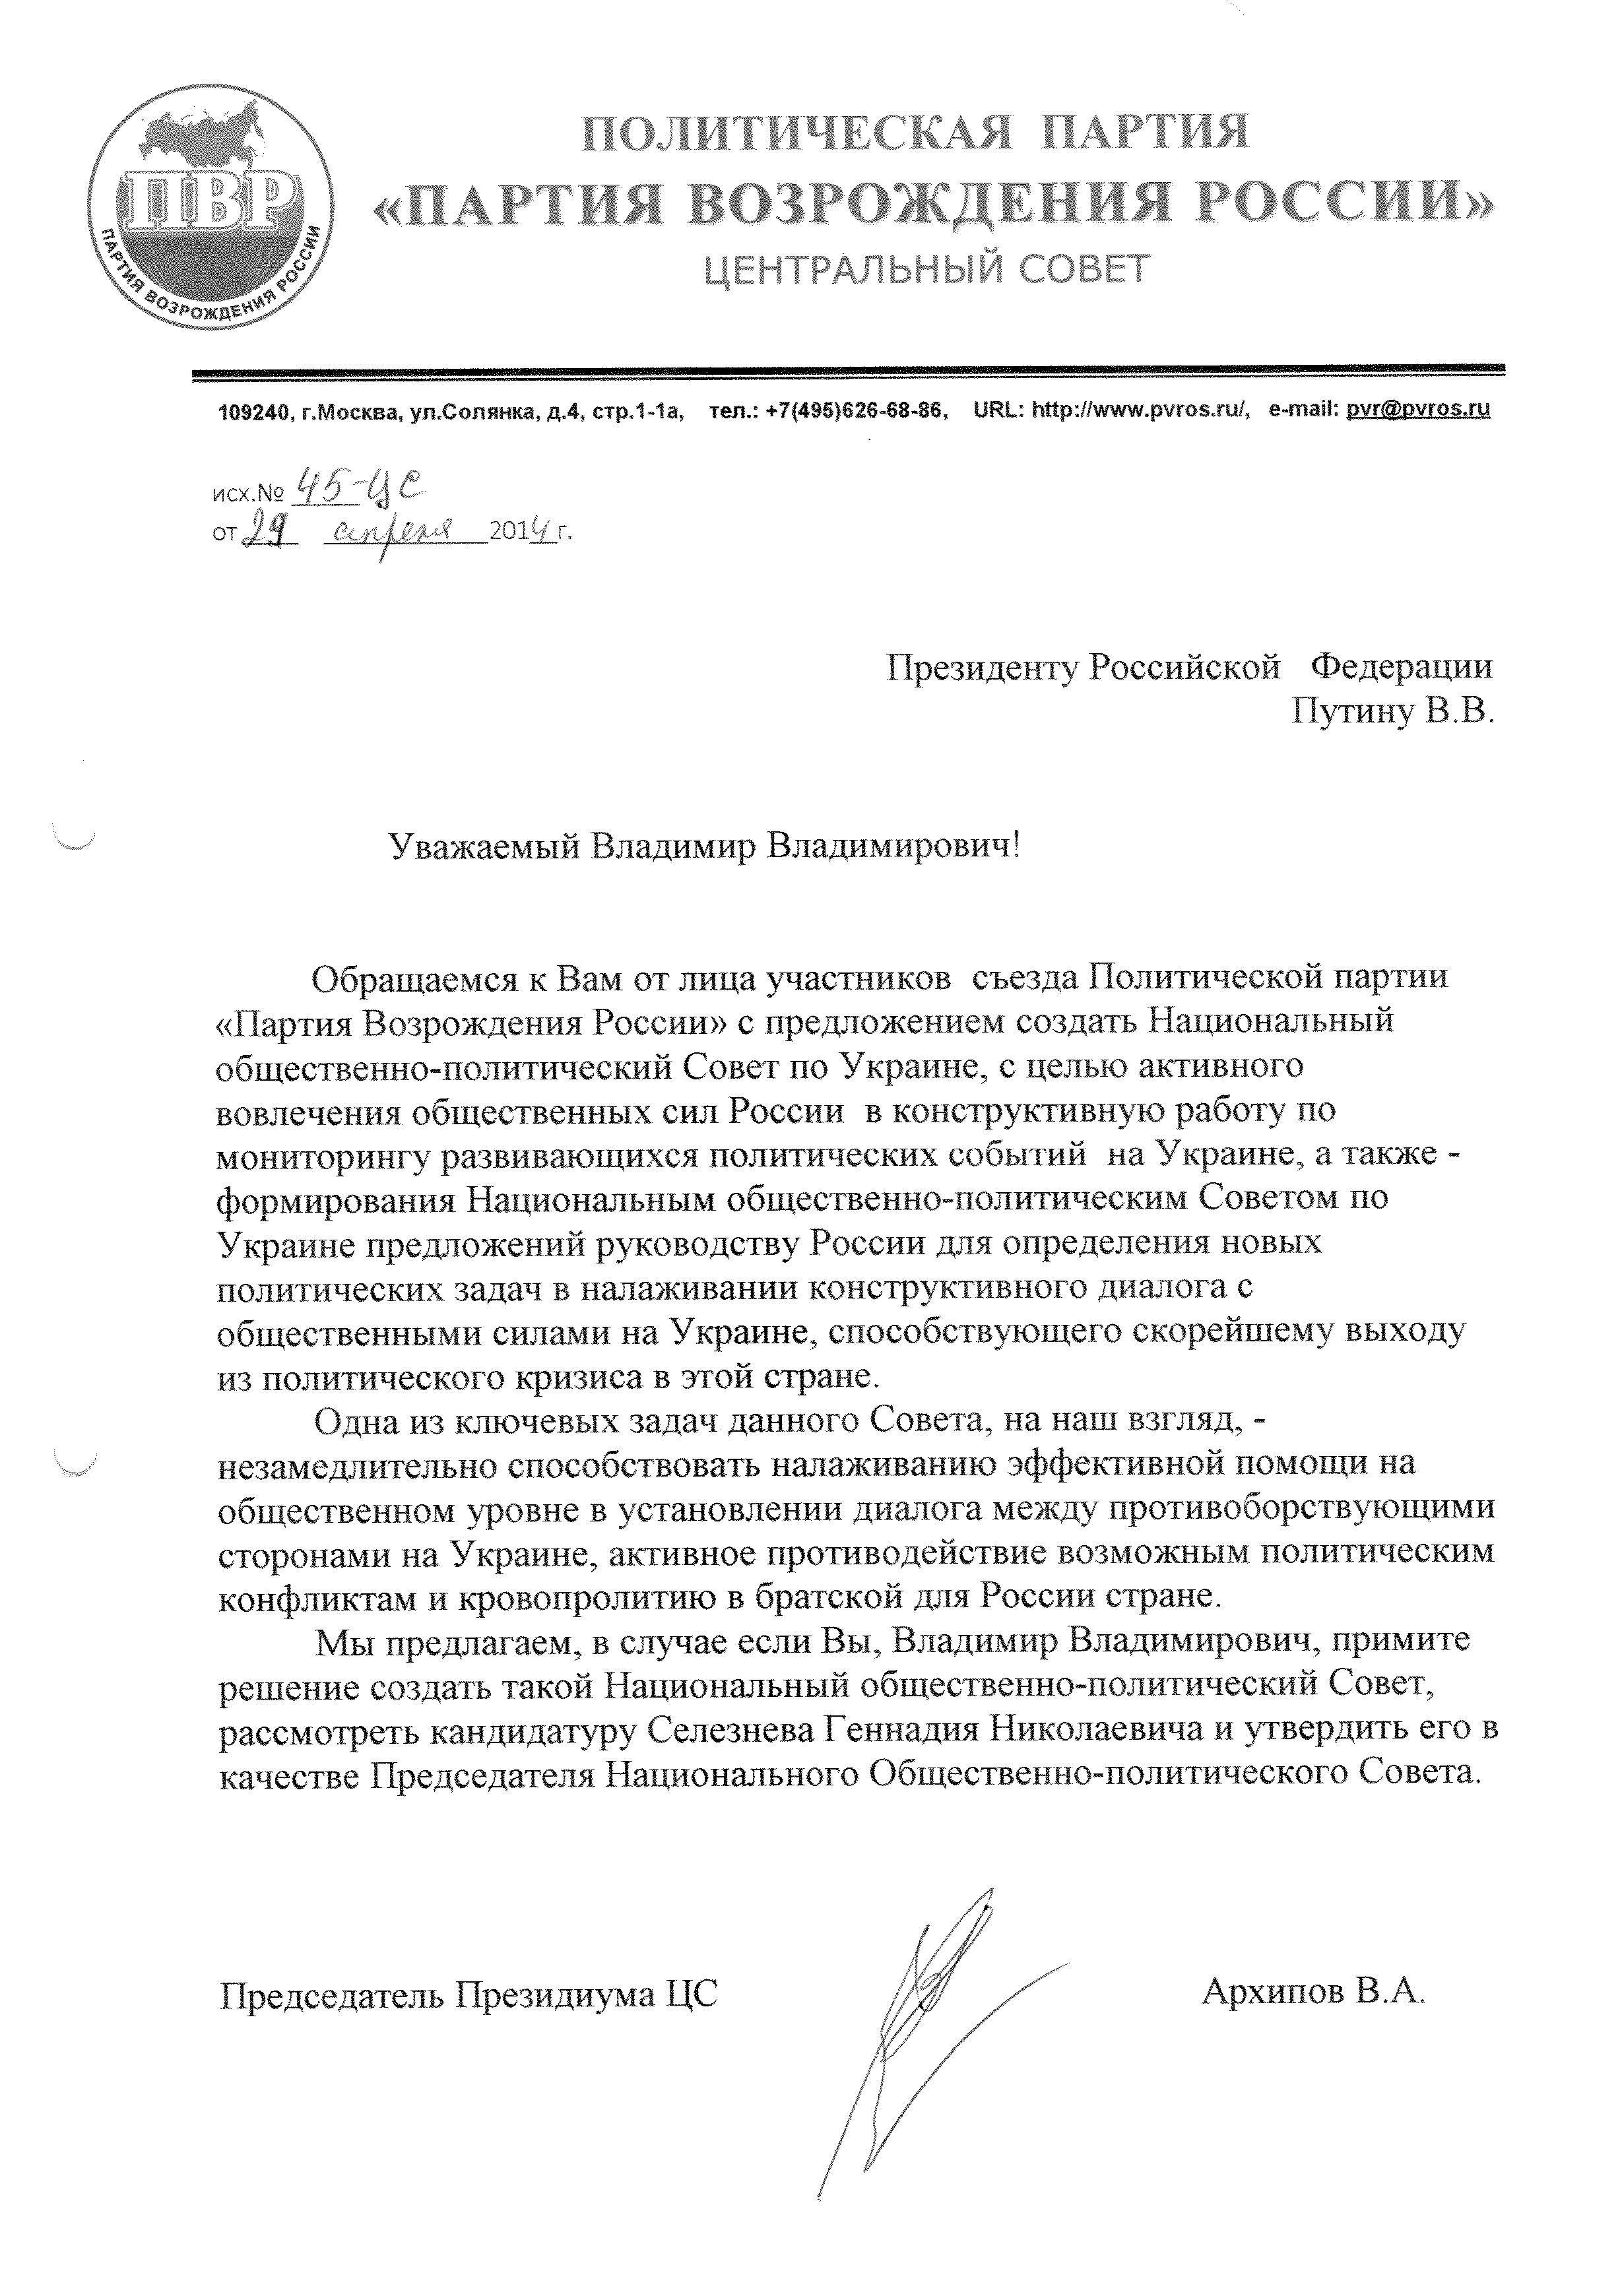 исх. 45 ЦС от 29.04.2014 Президенту РФ Путину В.В.